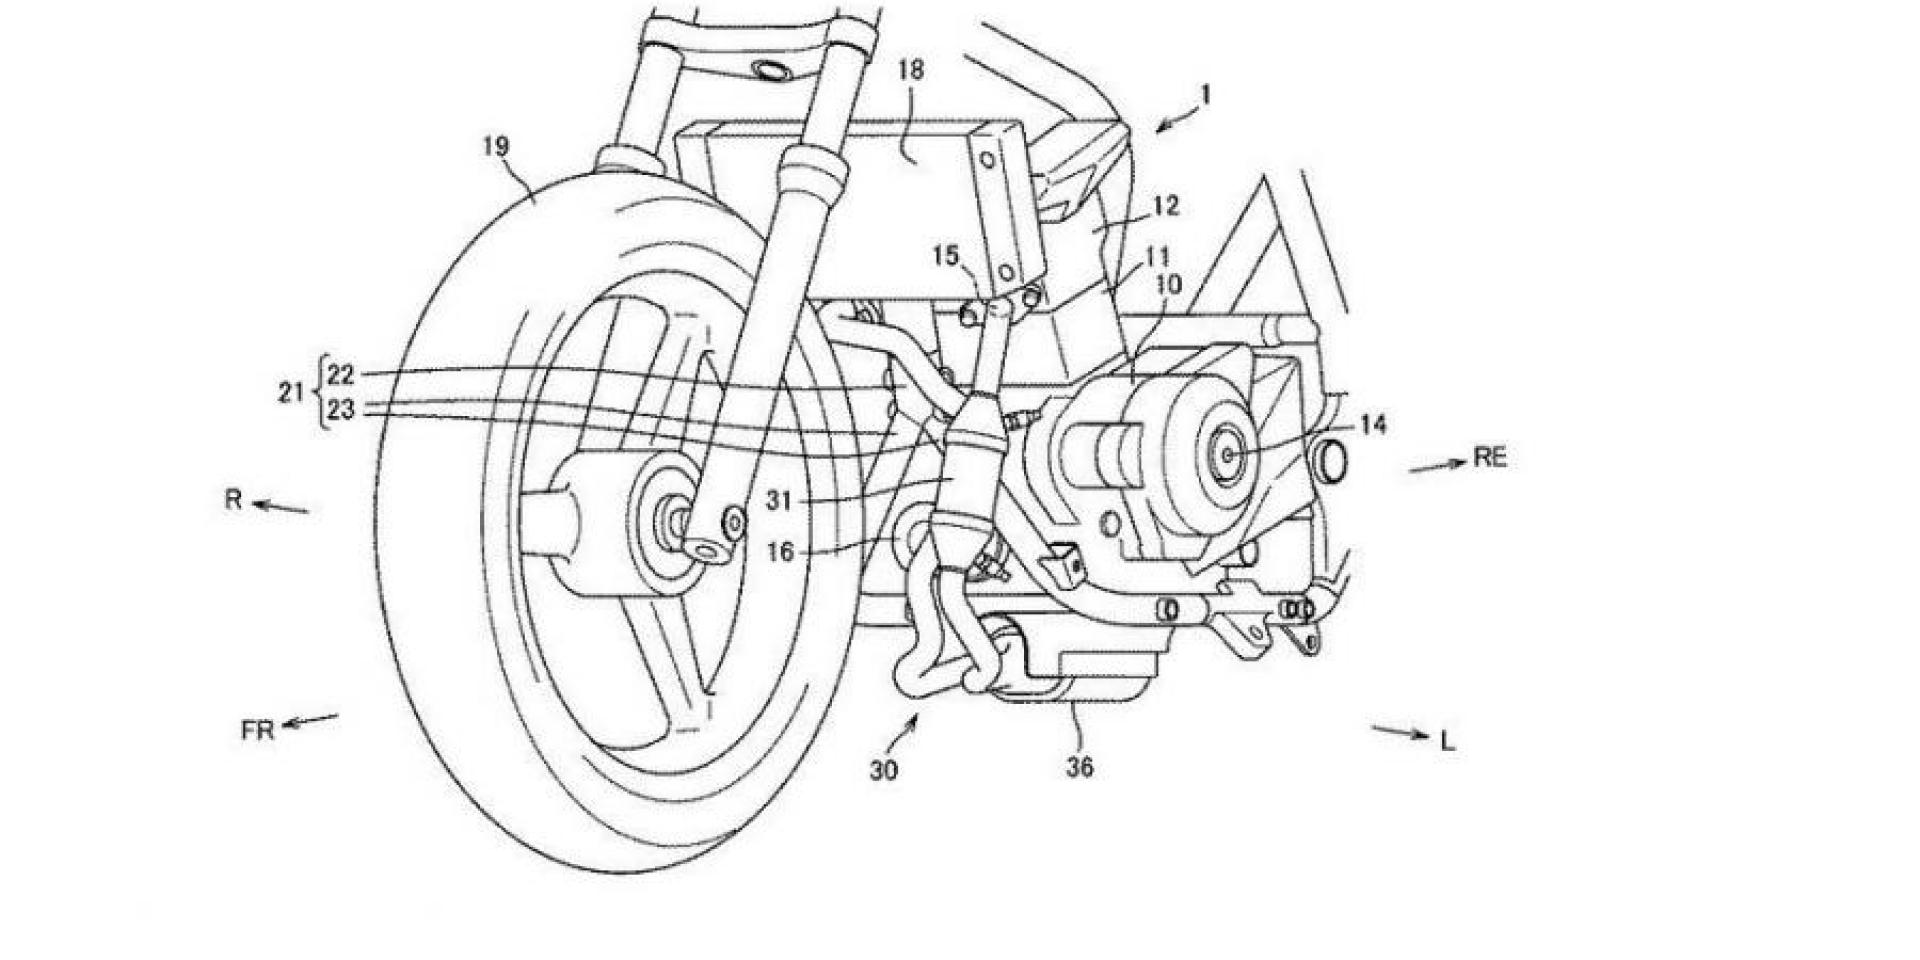 替EURO5做準備!SUZUKI 250c.c.雙缸引擎專利圖曝光